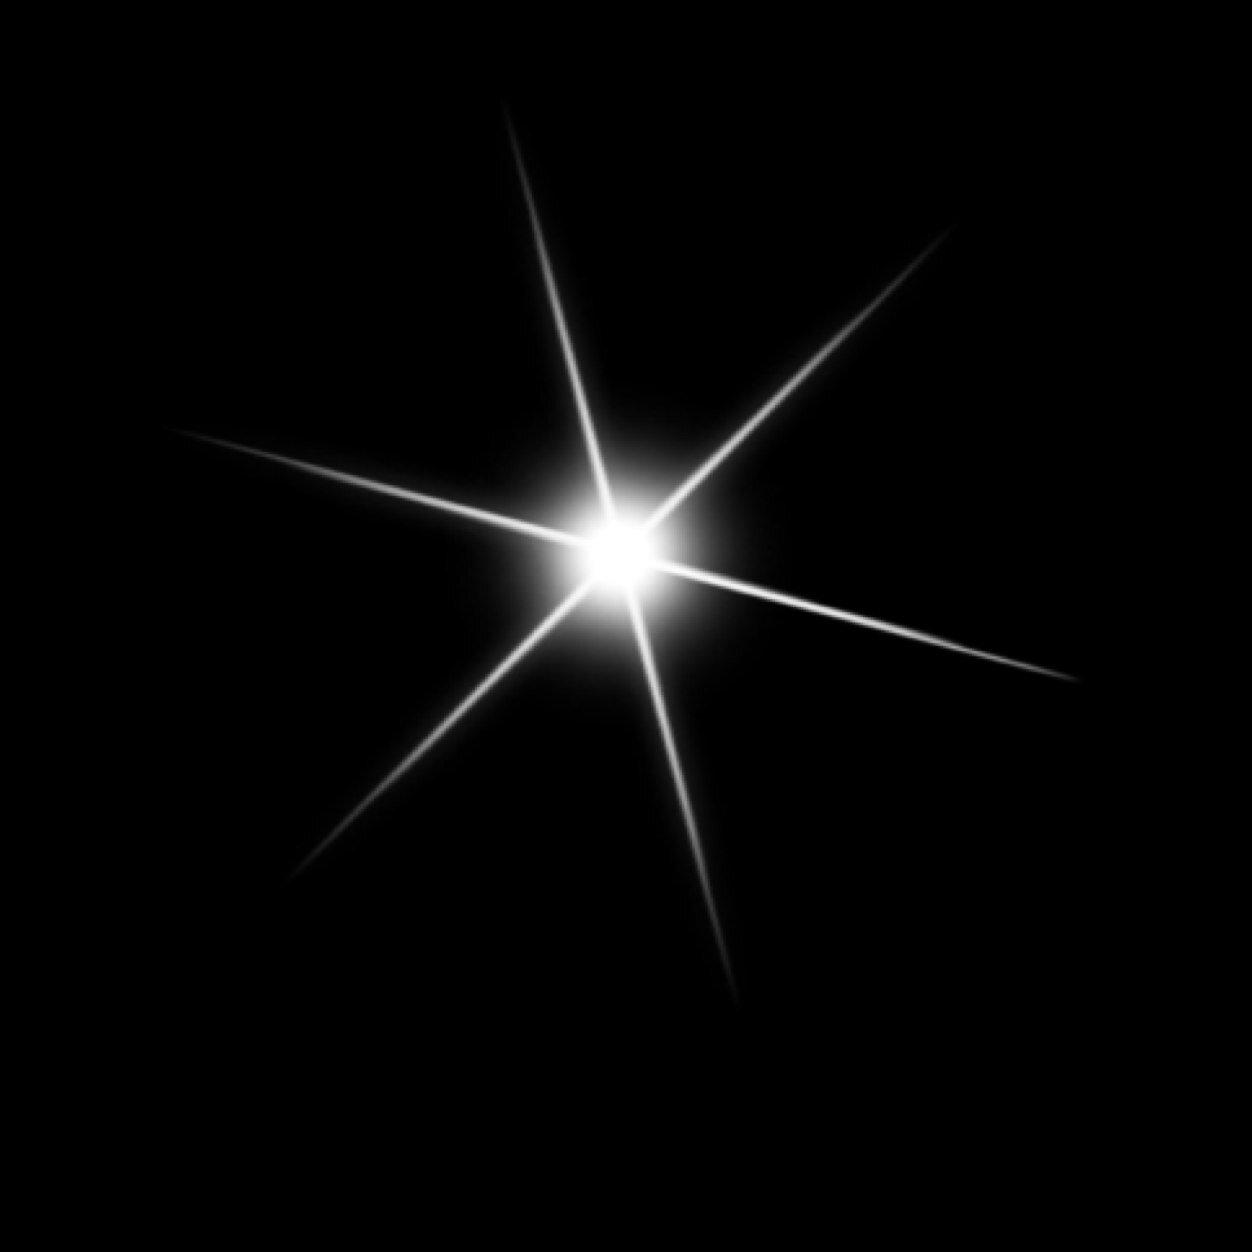 Star Light Lightstarlights Twitter